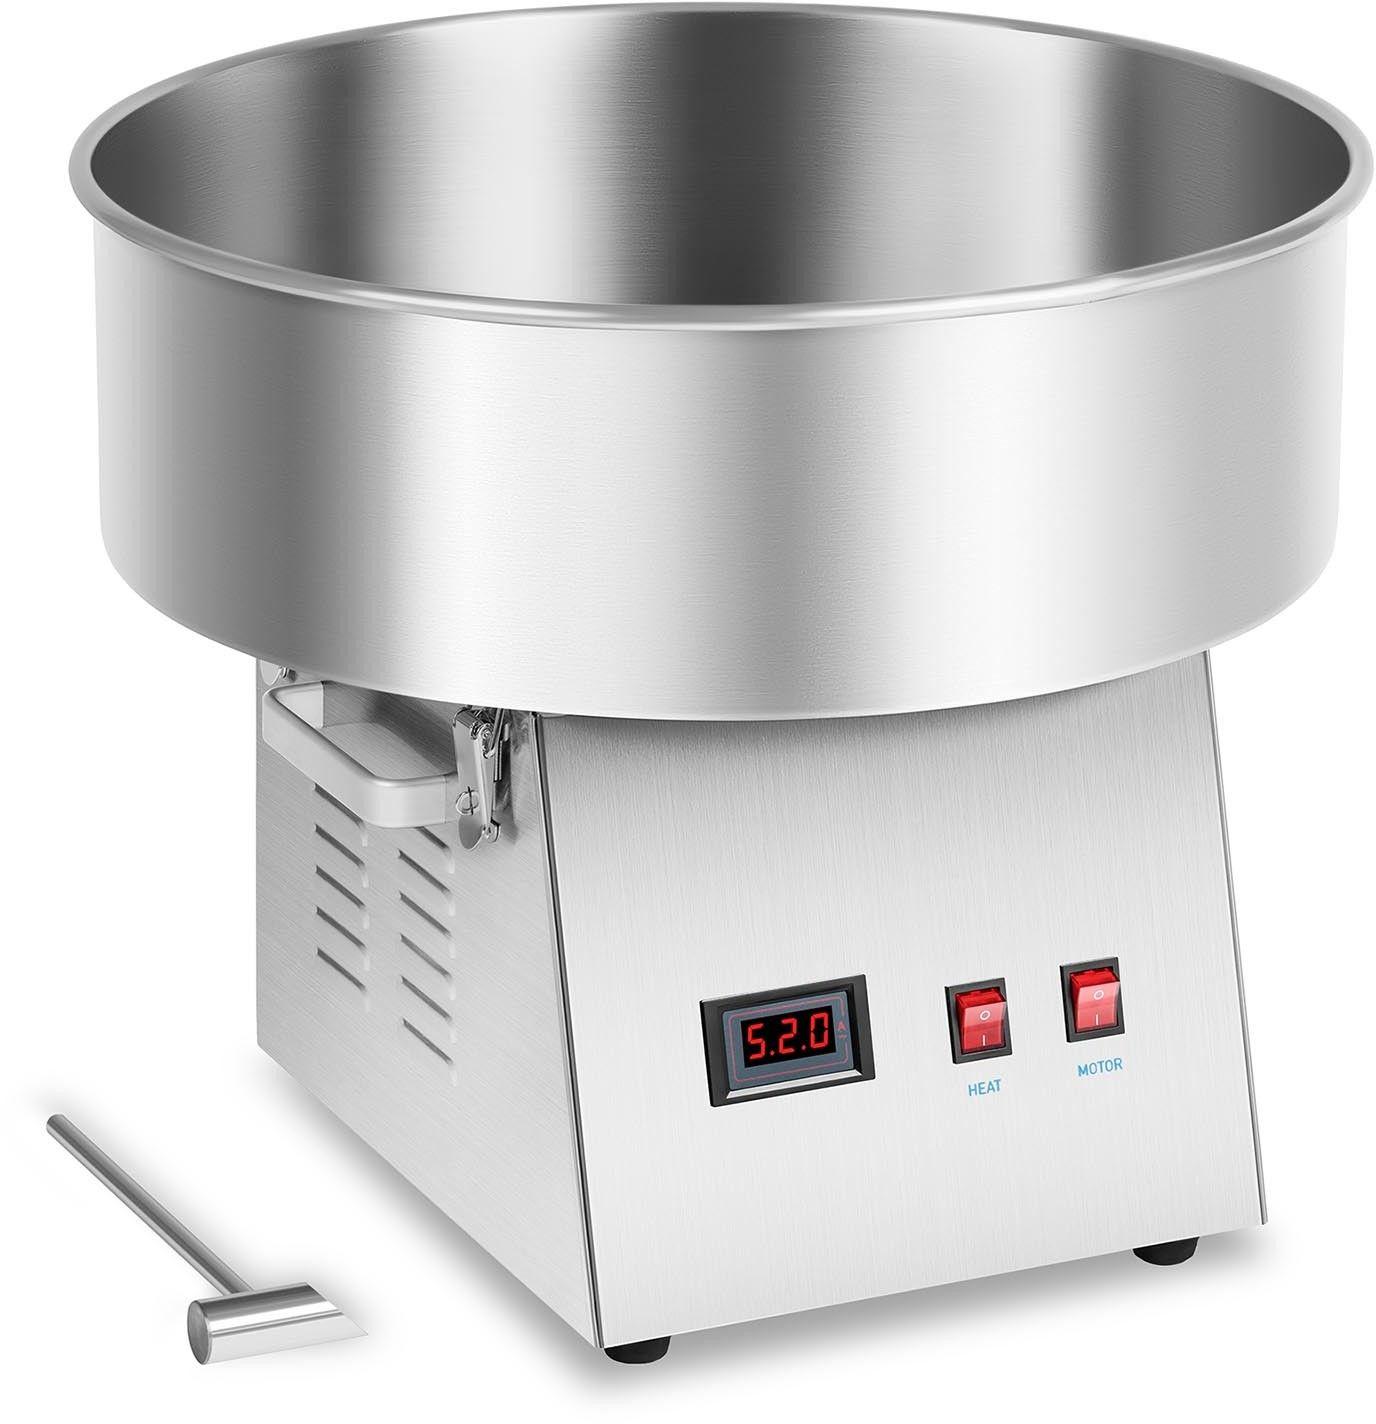 Maszyna do waty cukrowej - 52 cm - LED - Royal Catering - RCZK-1030-W - 3 lata gwarancji/wysyłka w 24h